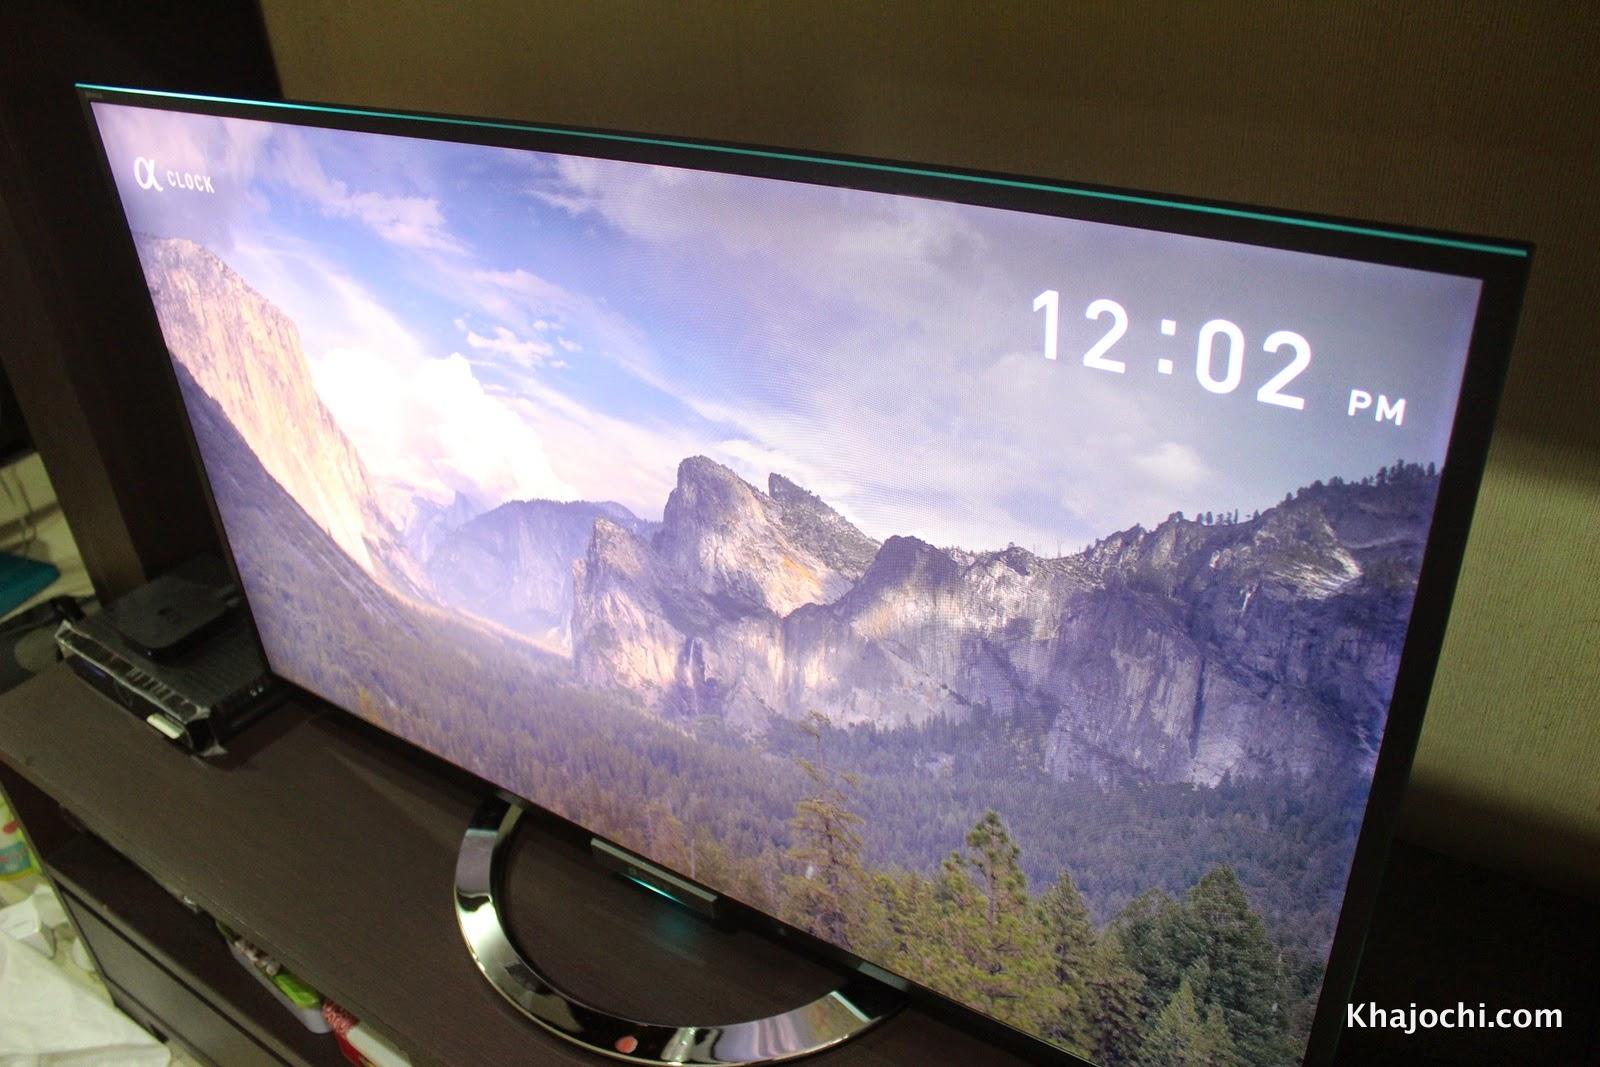 รีวิว: TV Sony Bravia W904A จอคม, ภาพ 3 มิติ, รองรับทีวีดิจิตอล